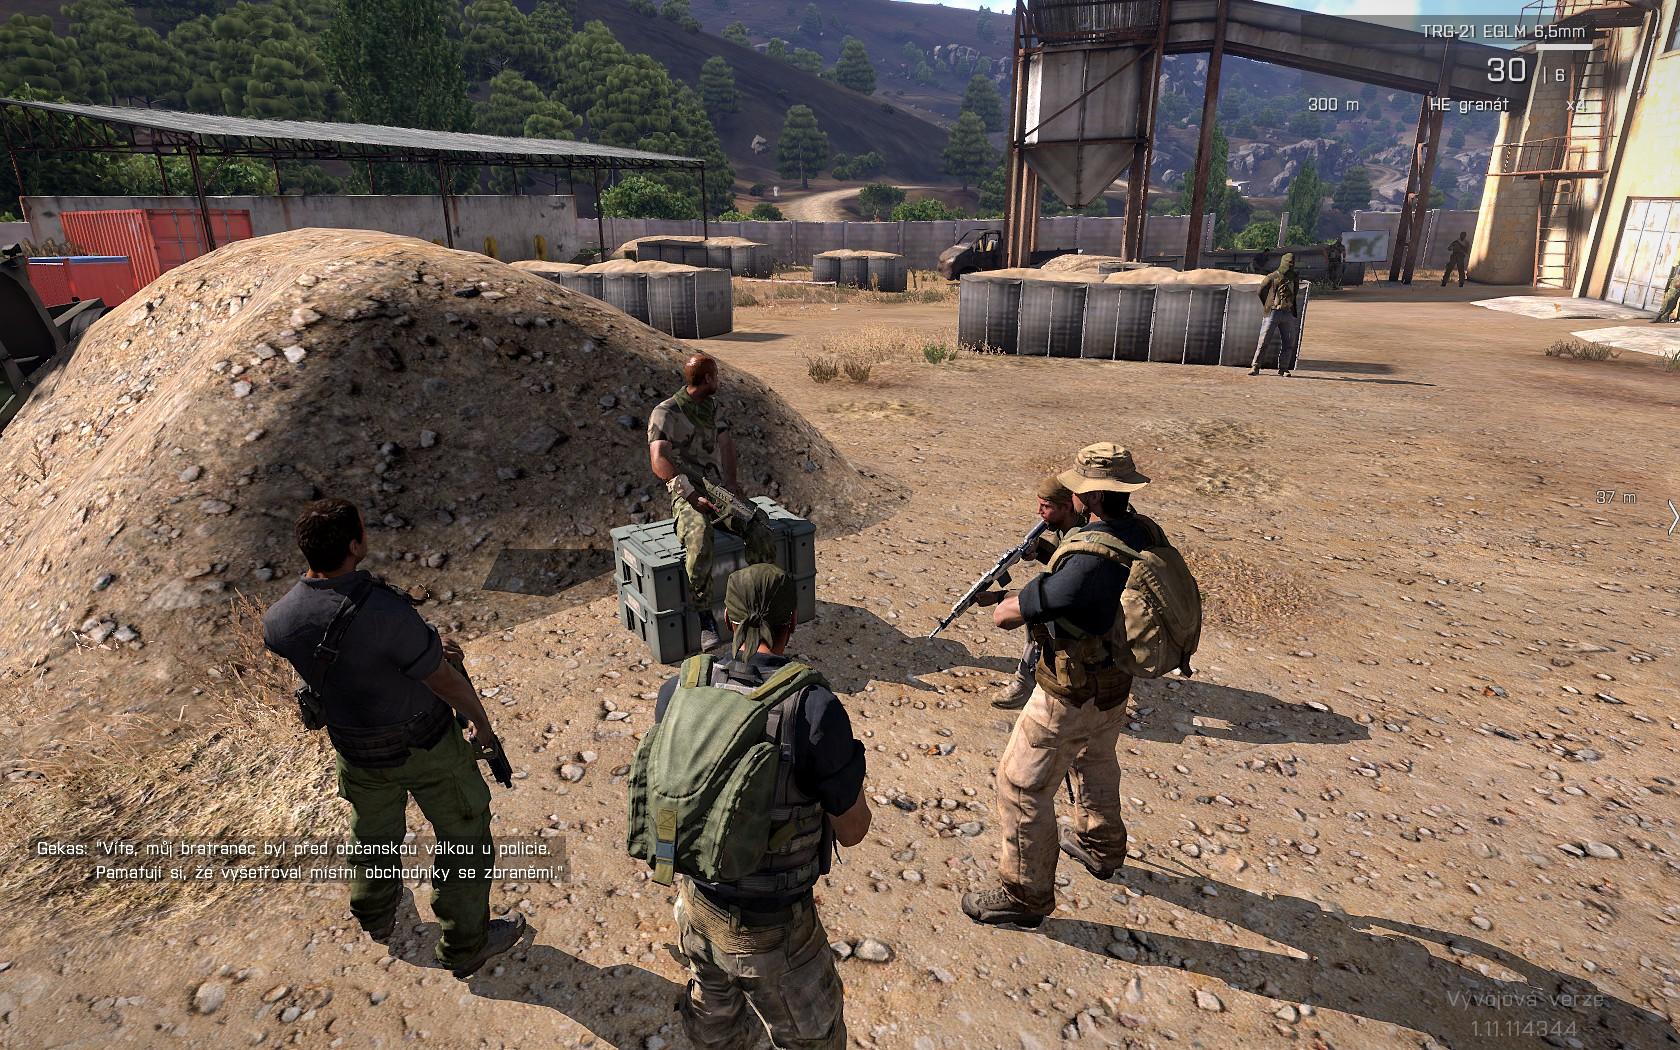 Nové screenshoty připomínají zítřejší vydání druhé části kampaně Army 3 91951